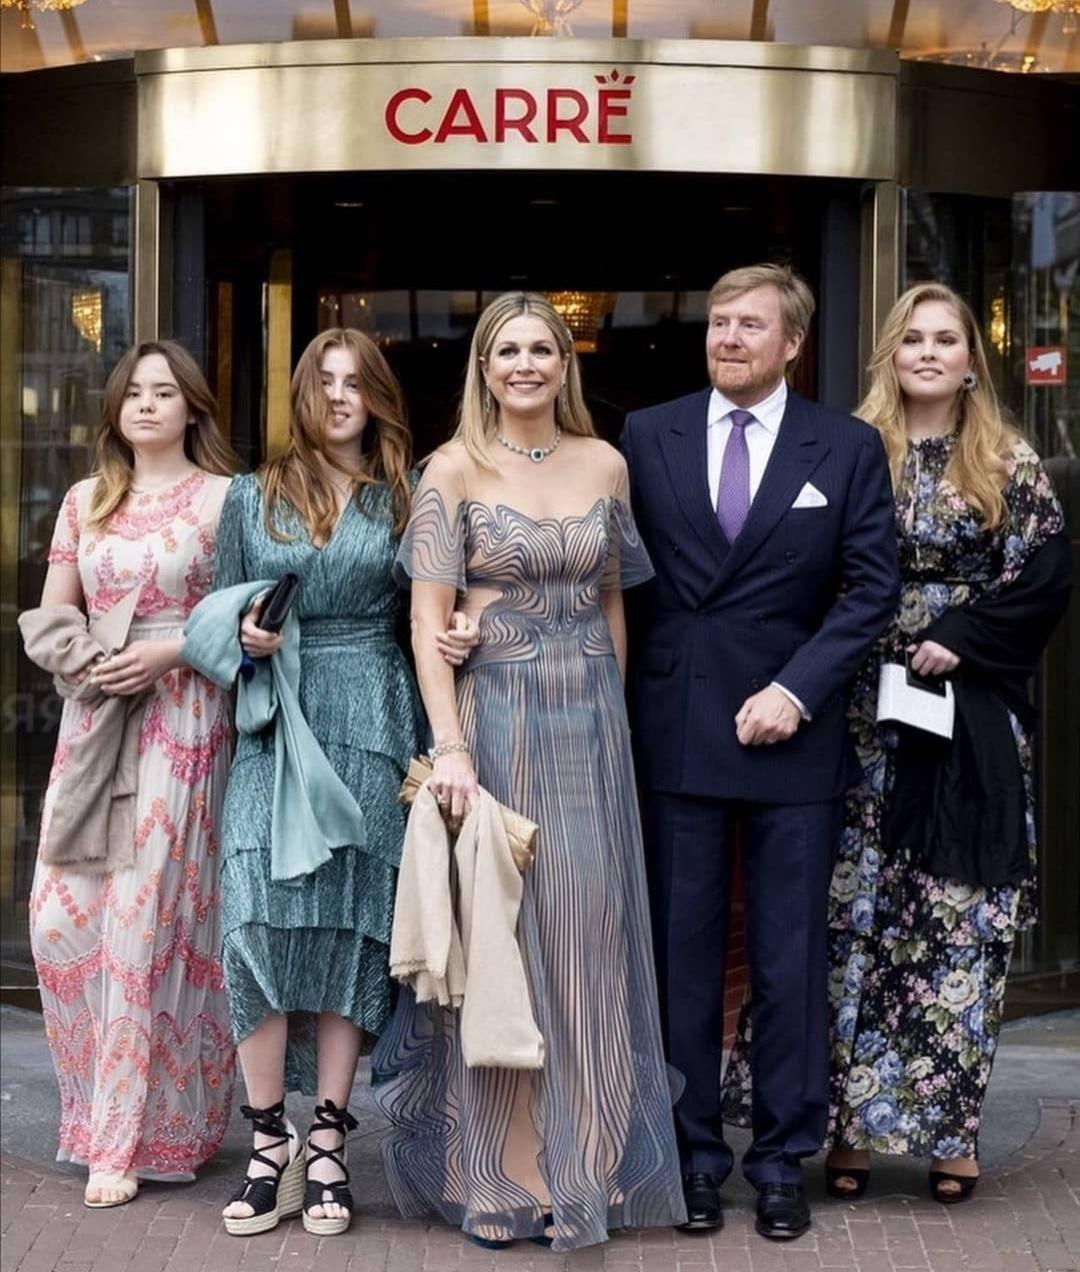 الملكة ماكسيما وزوجها الملك ويليم ألكساندر وبناتهما الثلاث، الأميرة كاثرينا أماليا، والأميرة أليكسيا والأميرة أريان- الصورة من حساب الملكة ماكسيما على إنستغرام.jpg